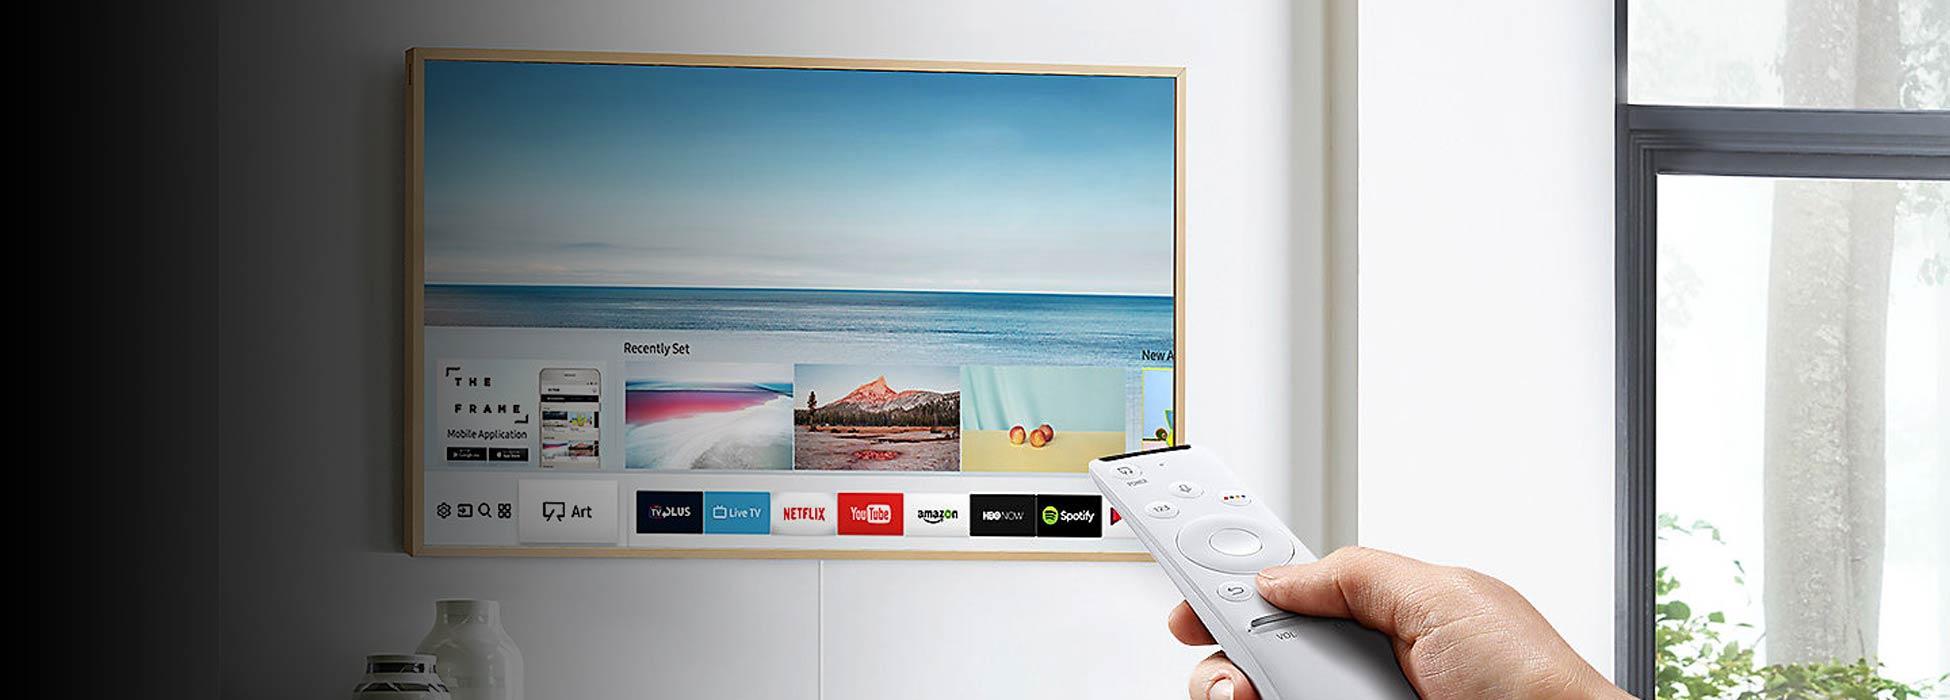 samsung led tv the frame bei steidten+ berlin